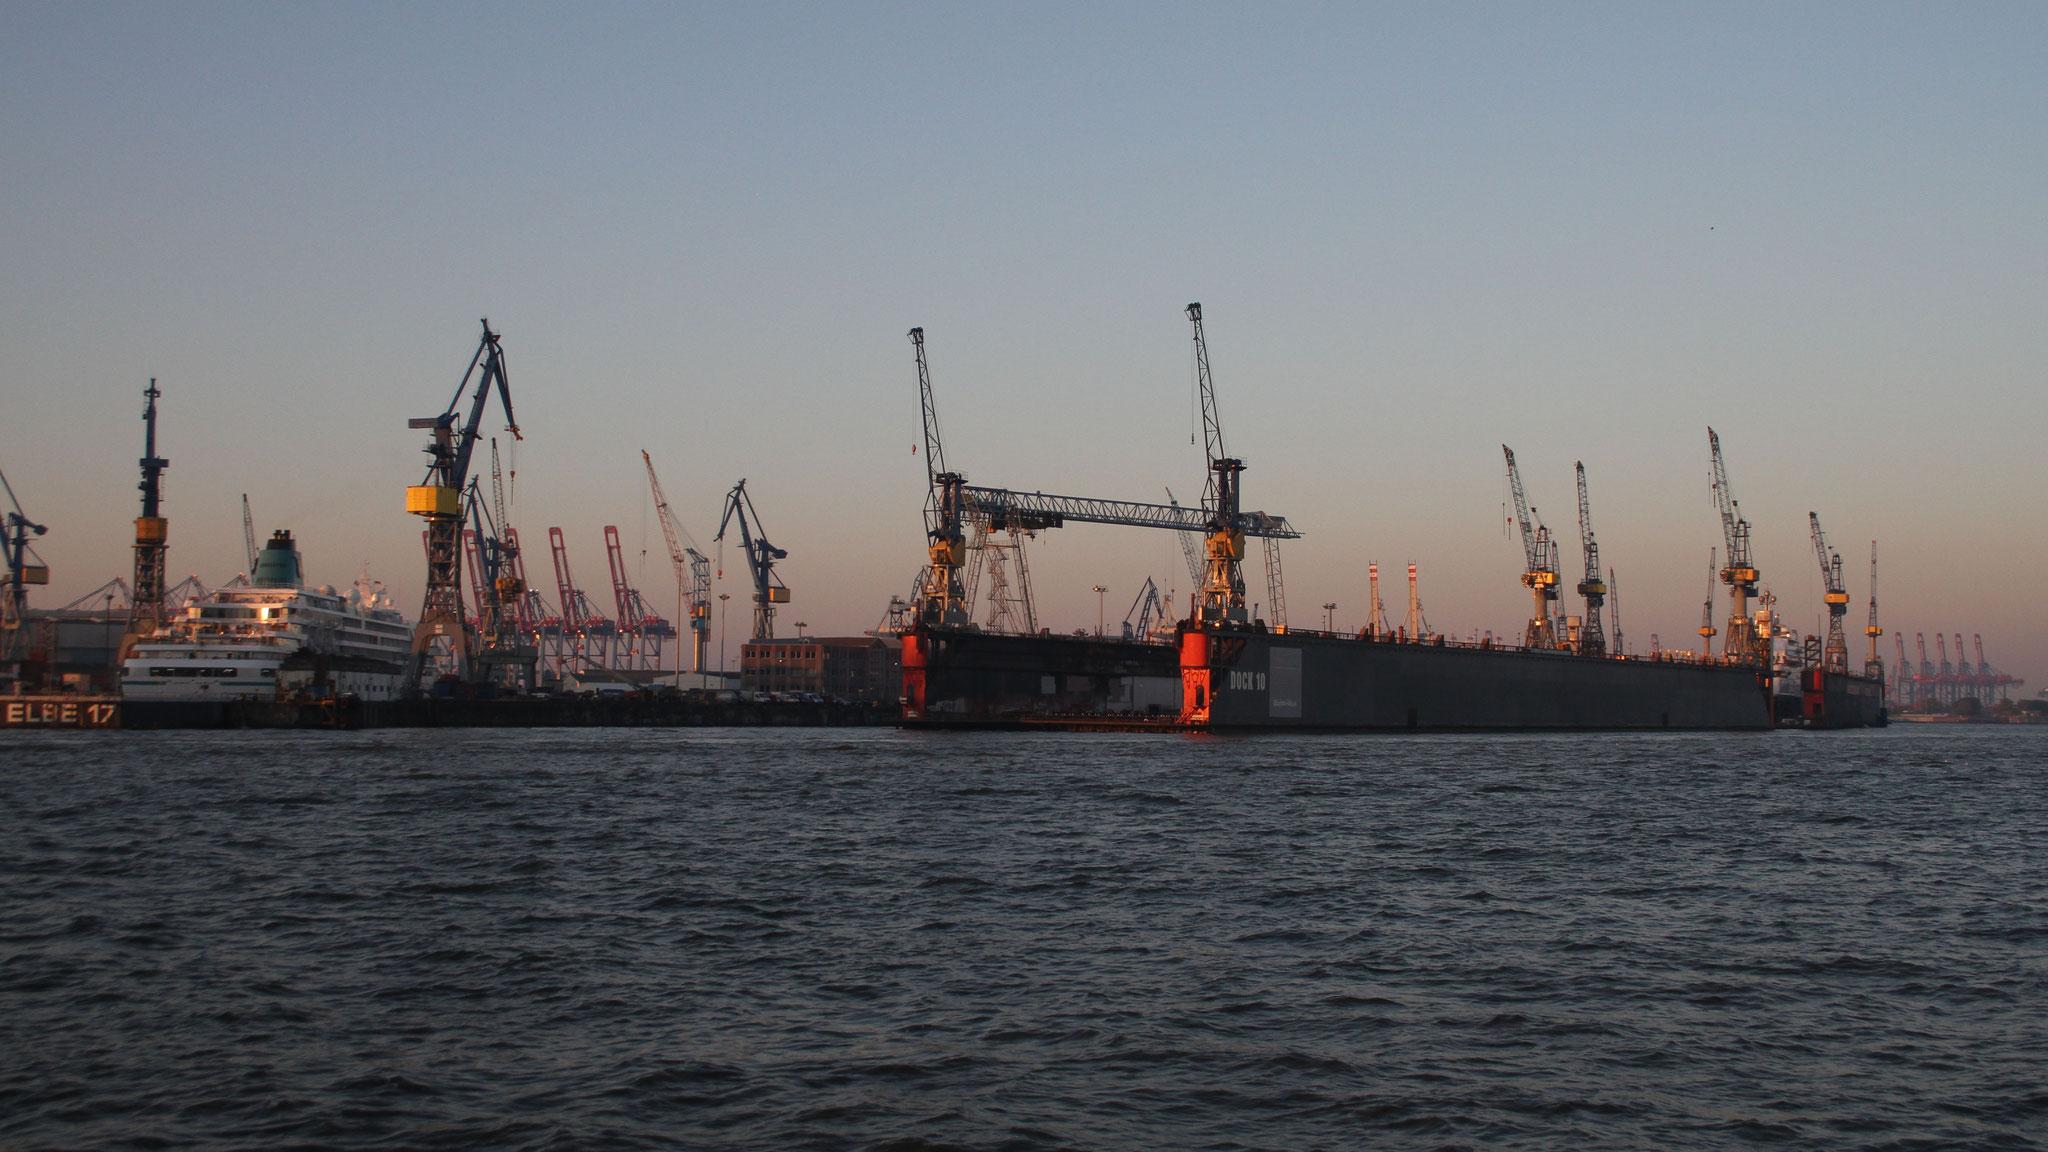 Vorbei geht es an Hafenanlagen ...